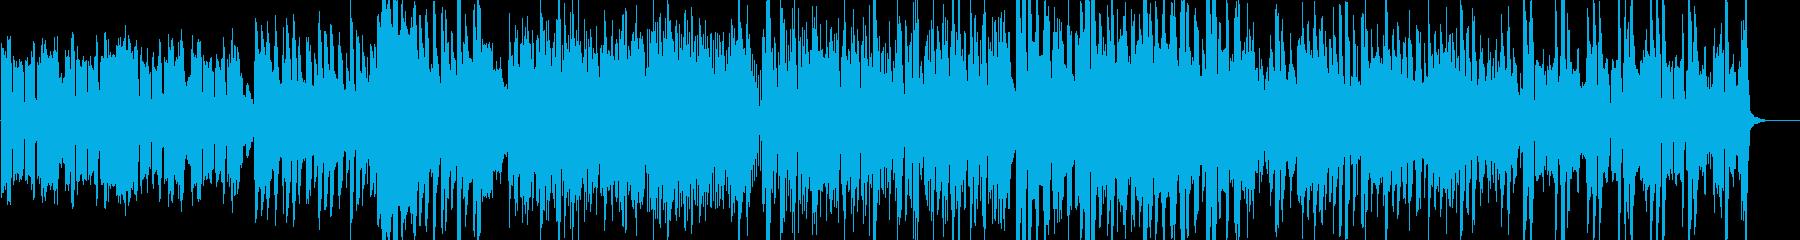 映像向け爽快なアイリッシュ風音楽の再生済みの波形